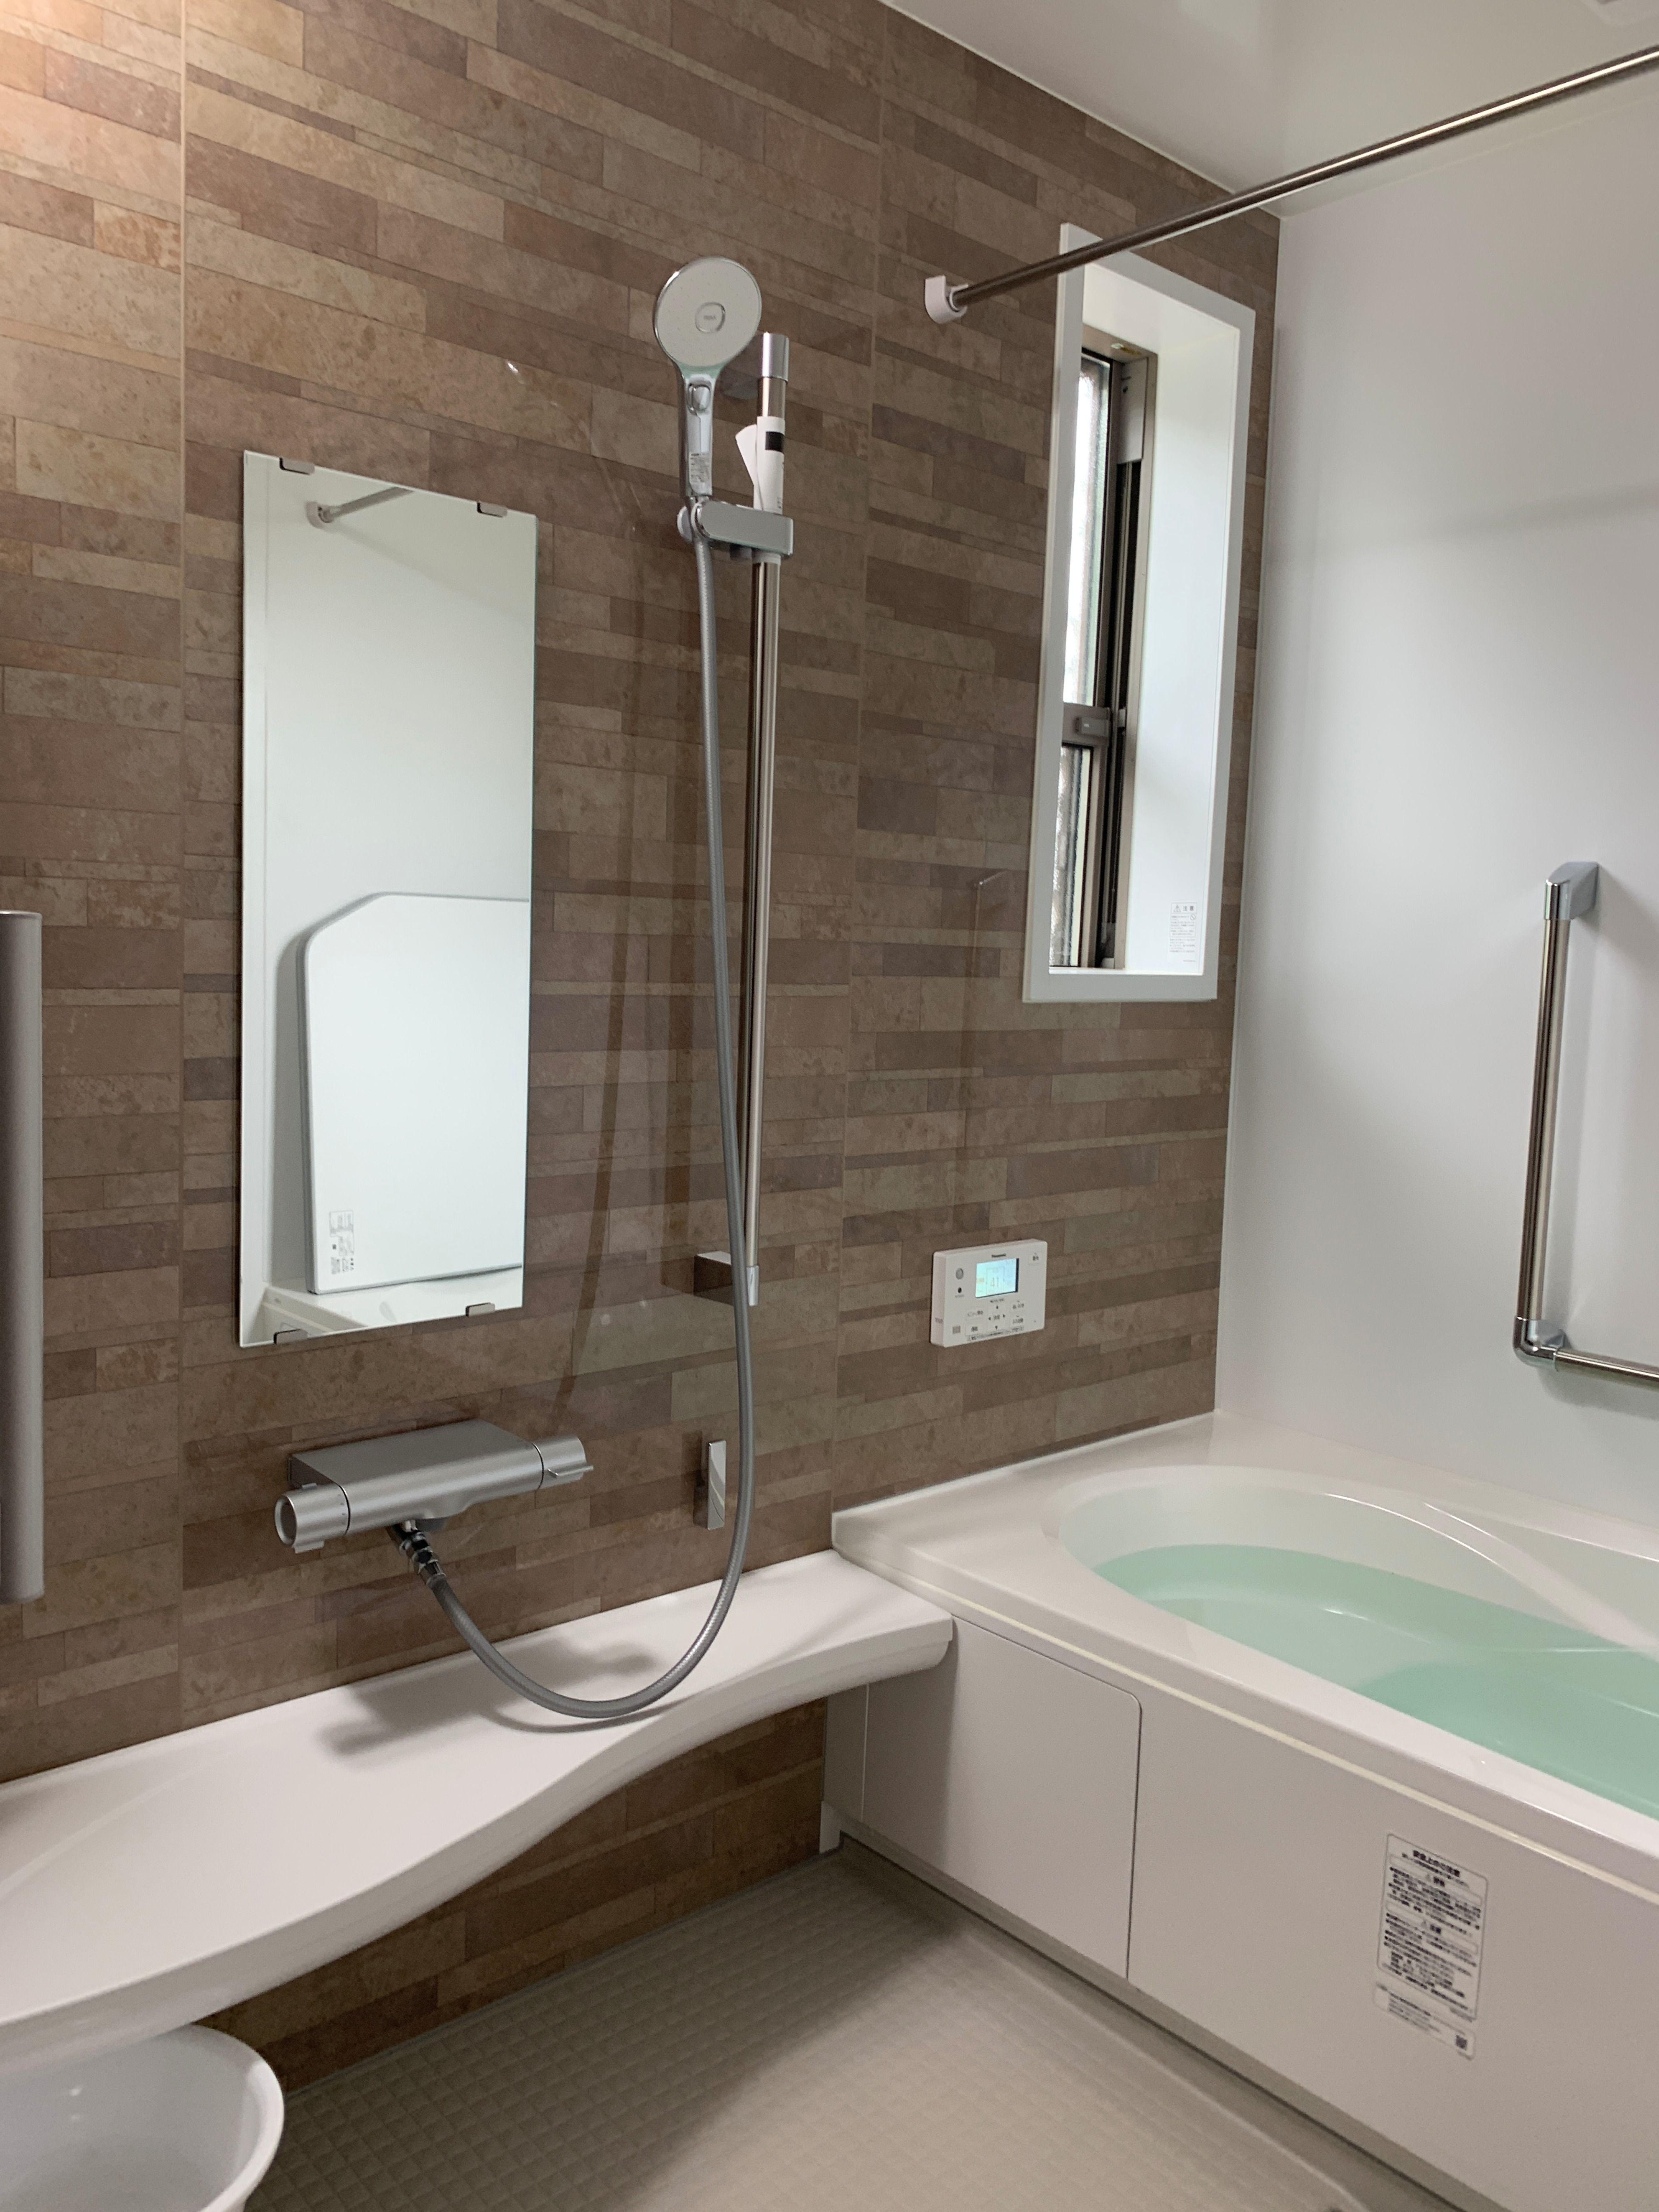 Lixilシステムバス アライズ アライズ ユニットバス 浴室 インテリア